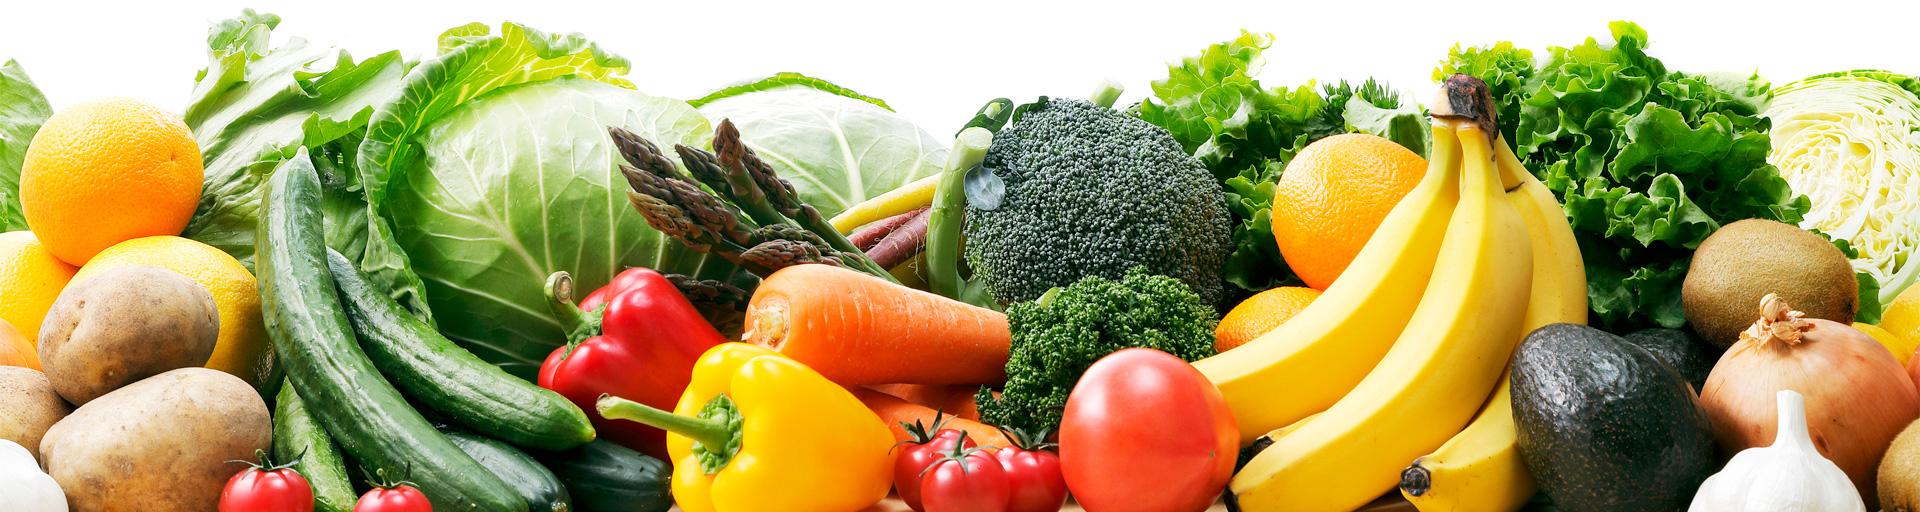 30種類の野菜と果物